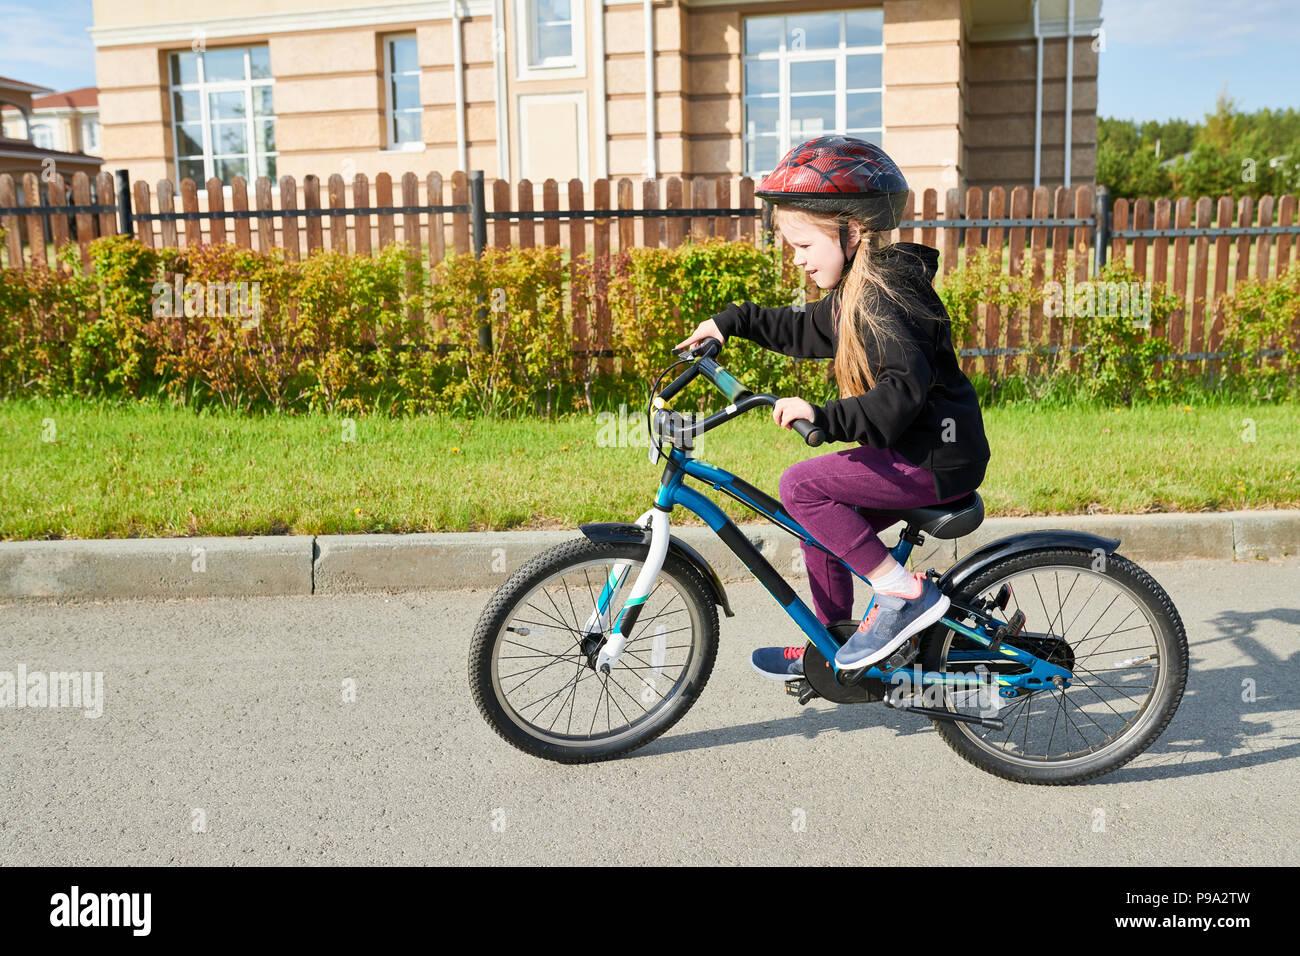 Little Girl Riding Bike - Stock Image